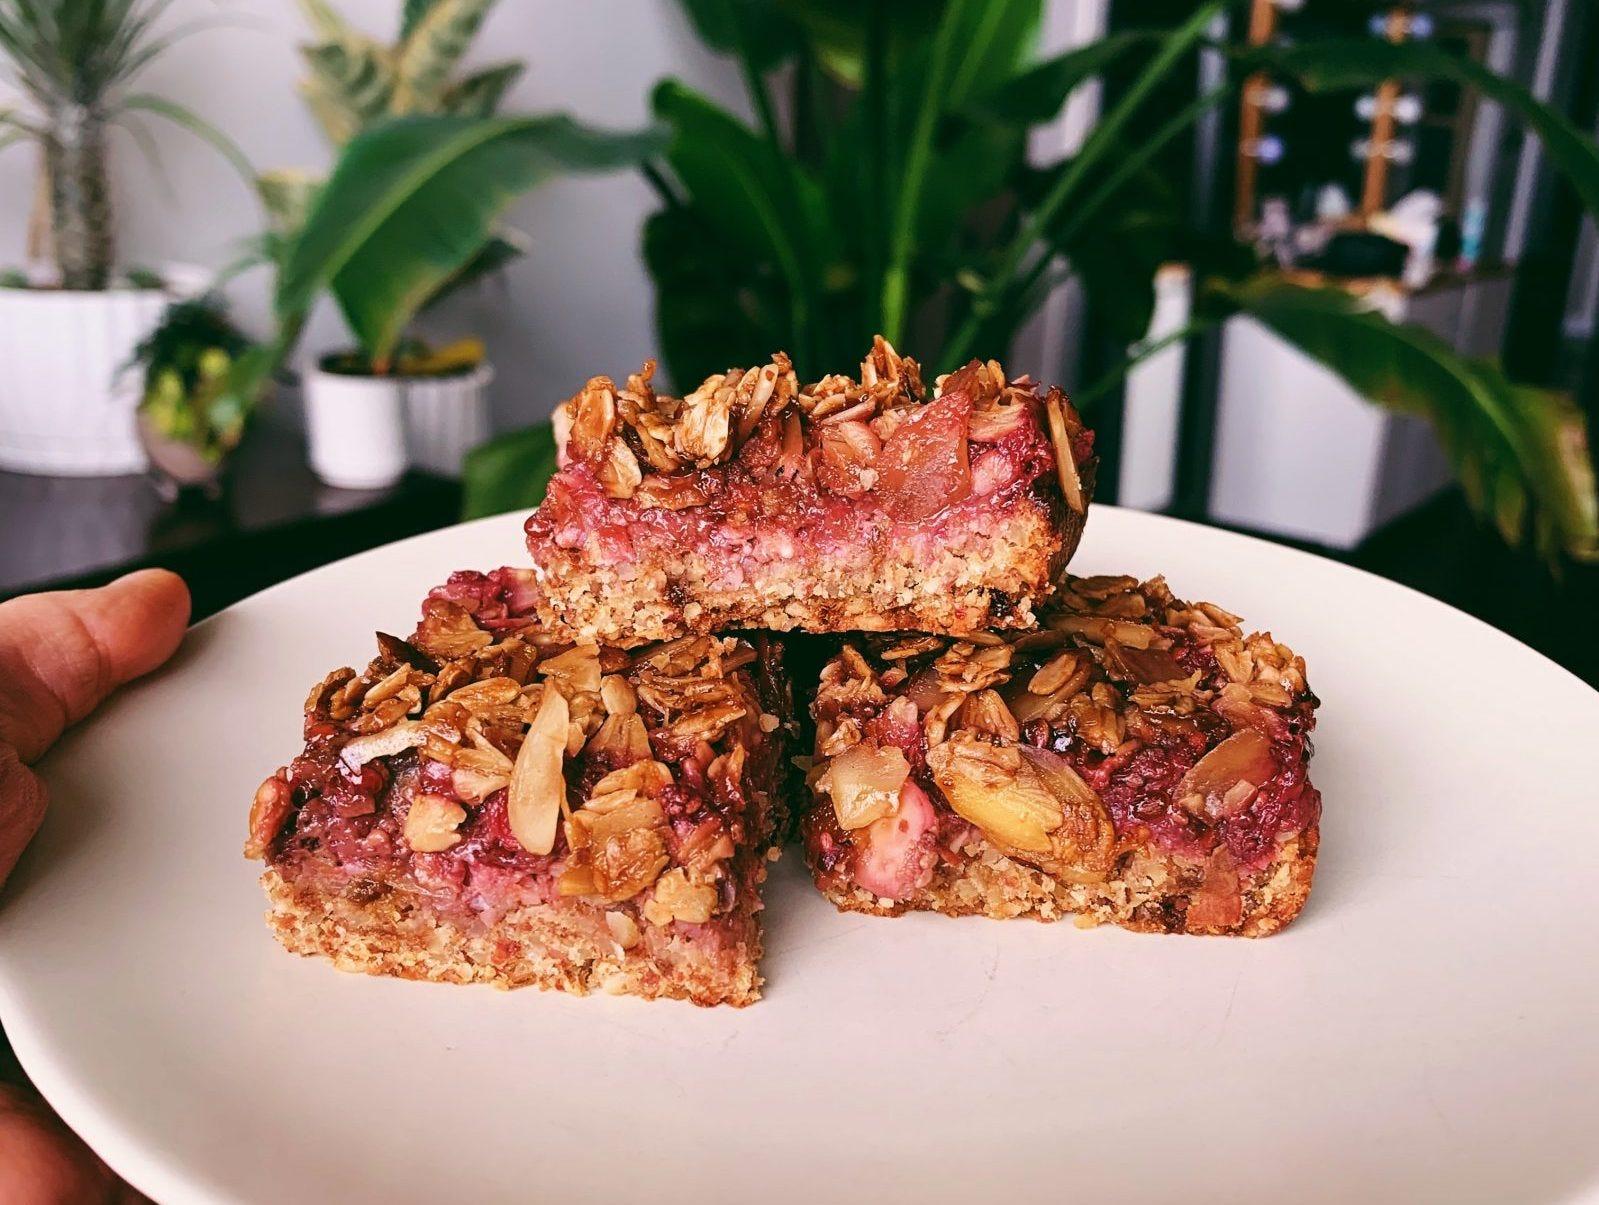 Homemade raspberry oat bars